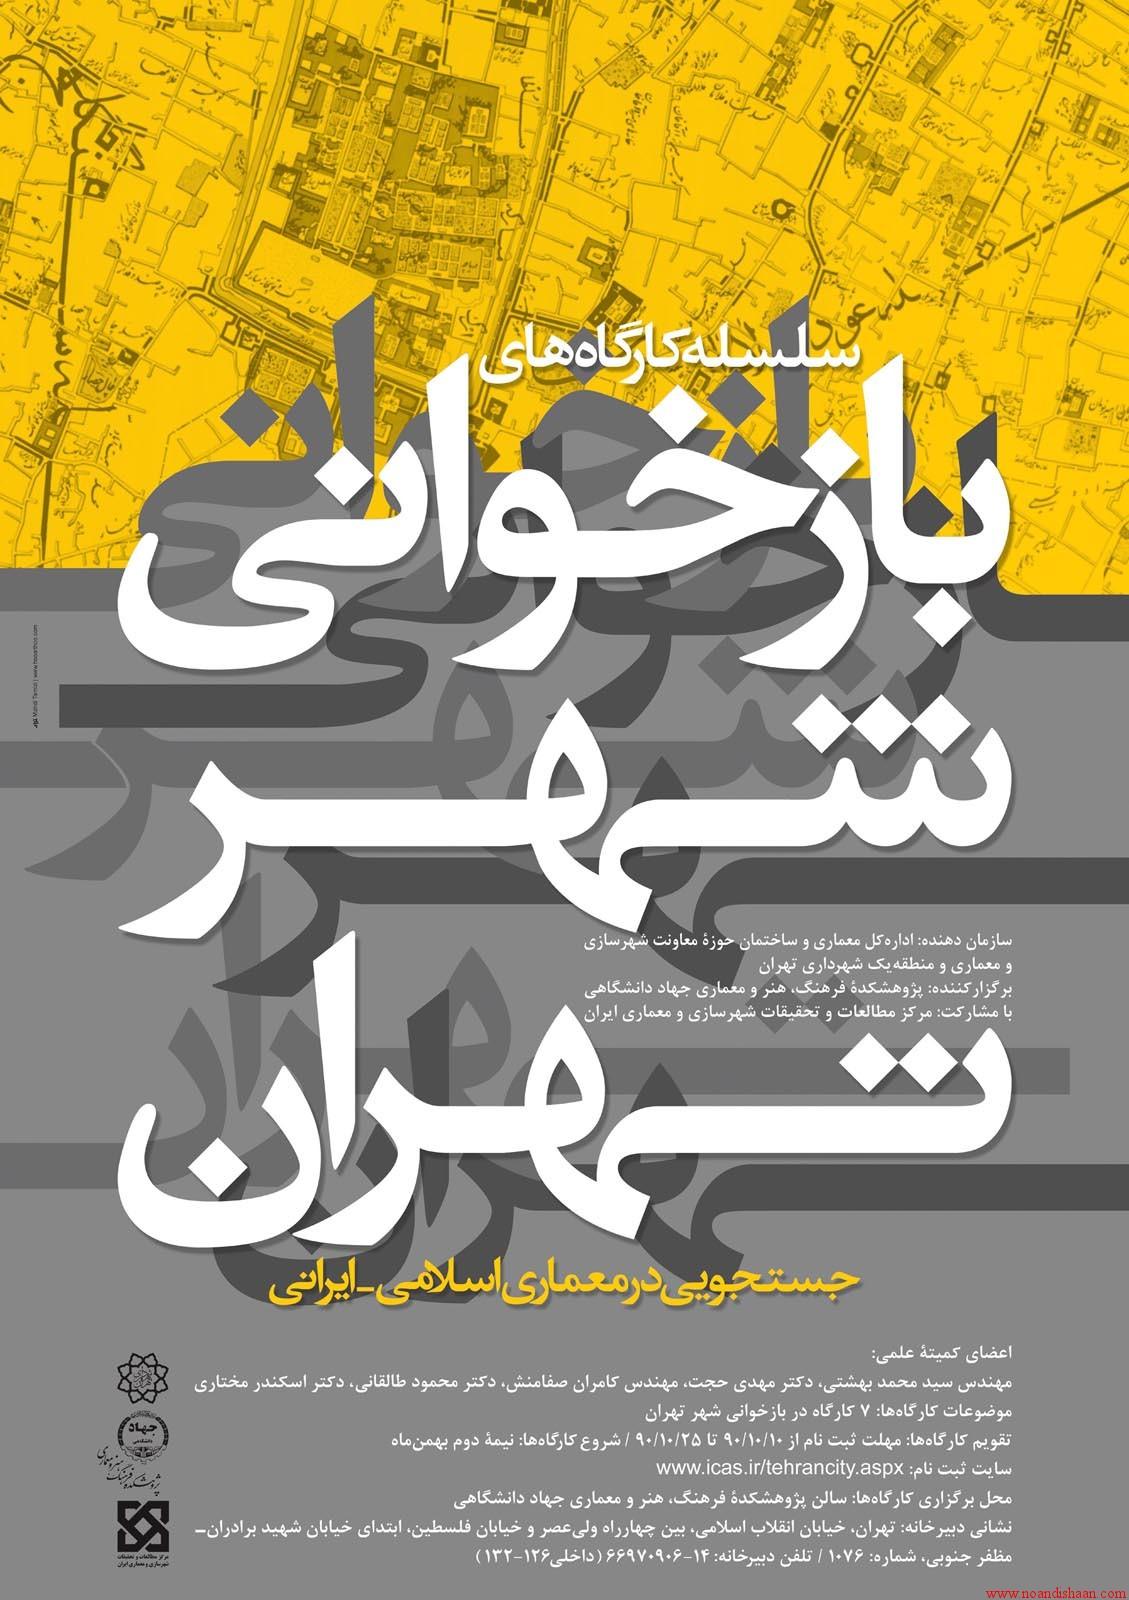 بازخوانی شهر تهران